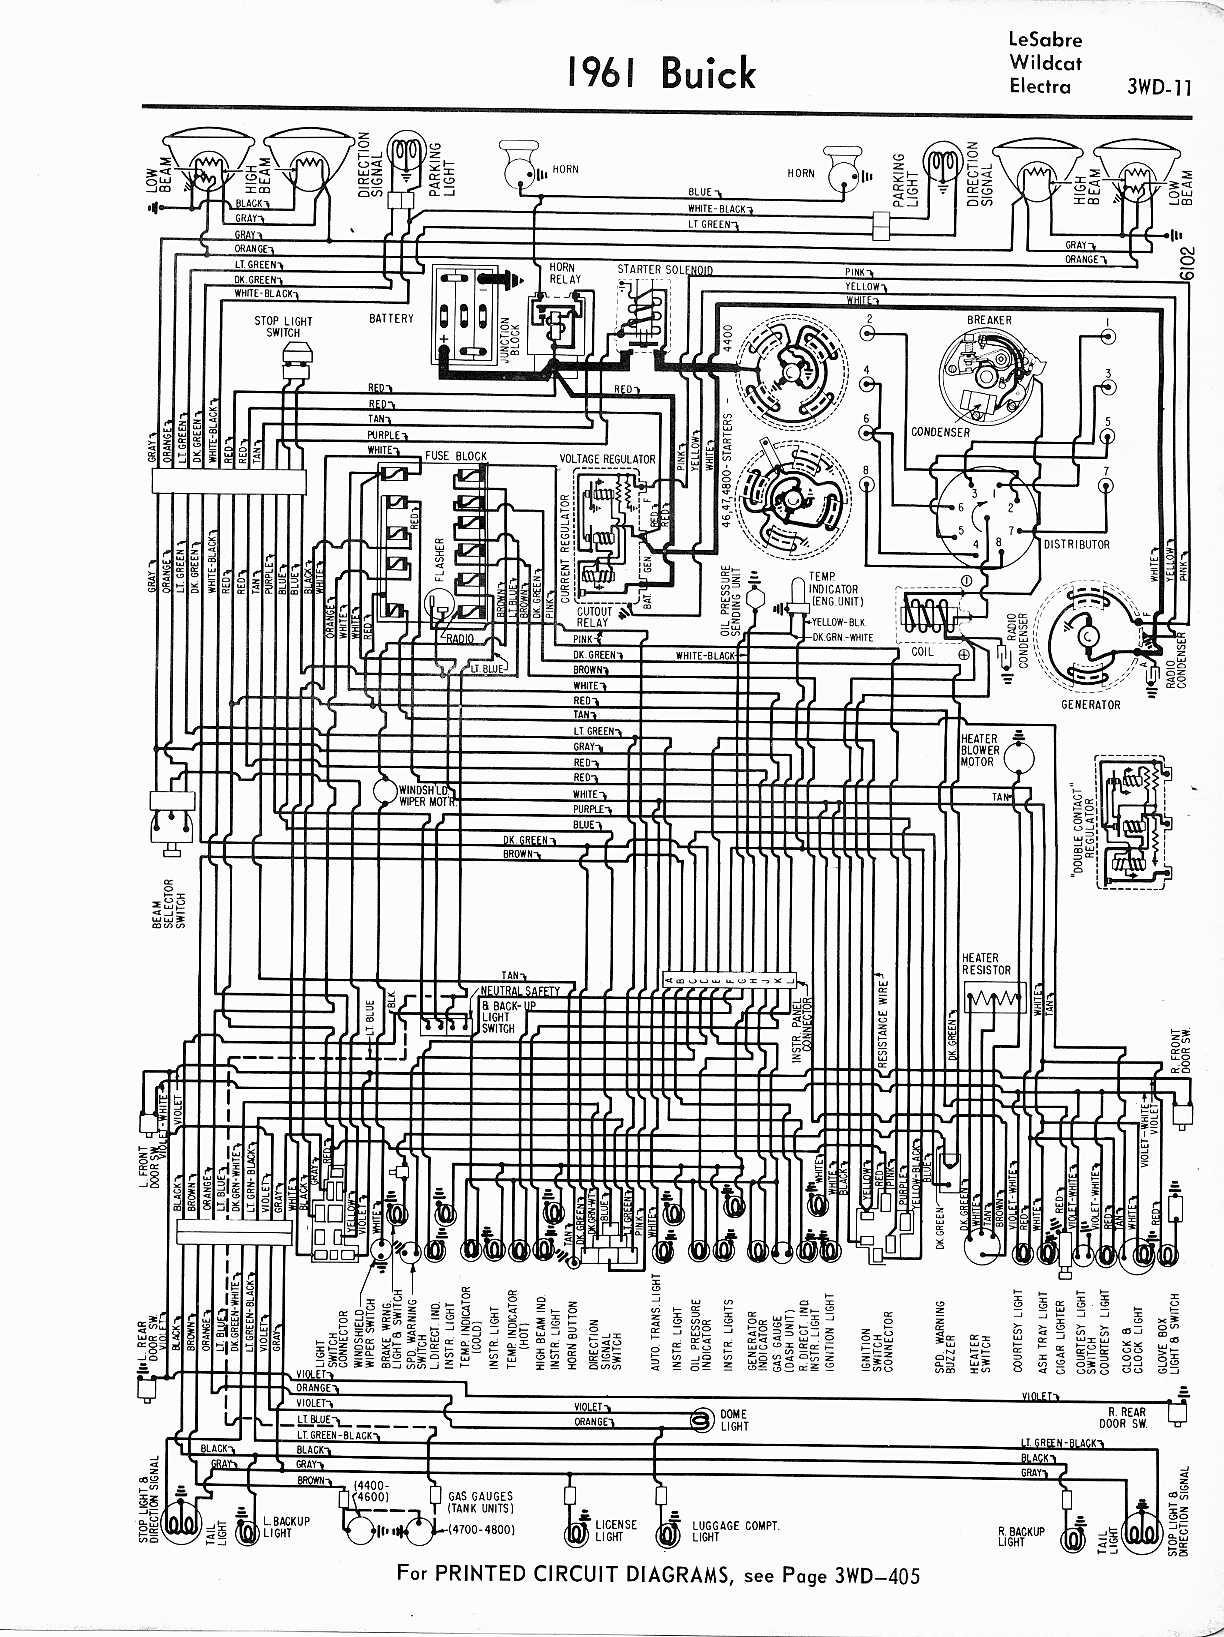 Jonesgruel 1998 Buick Lesabre Wiring Diagram Free